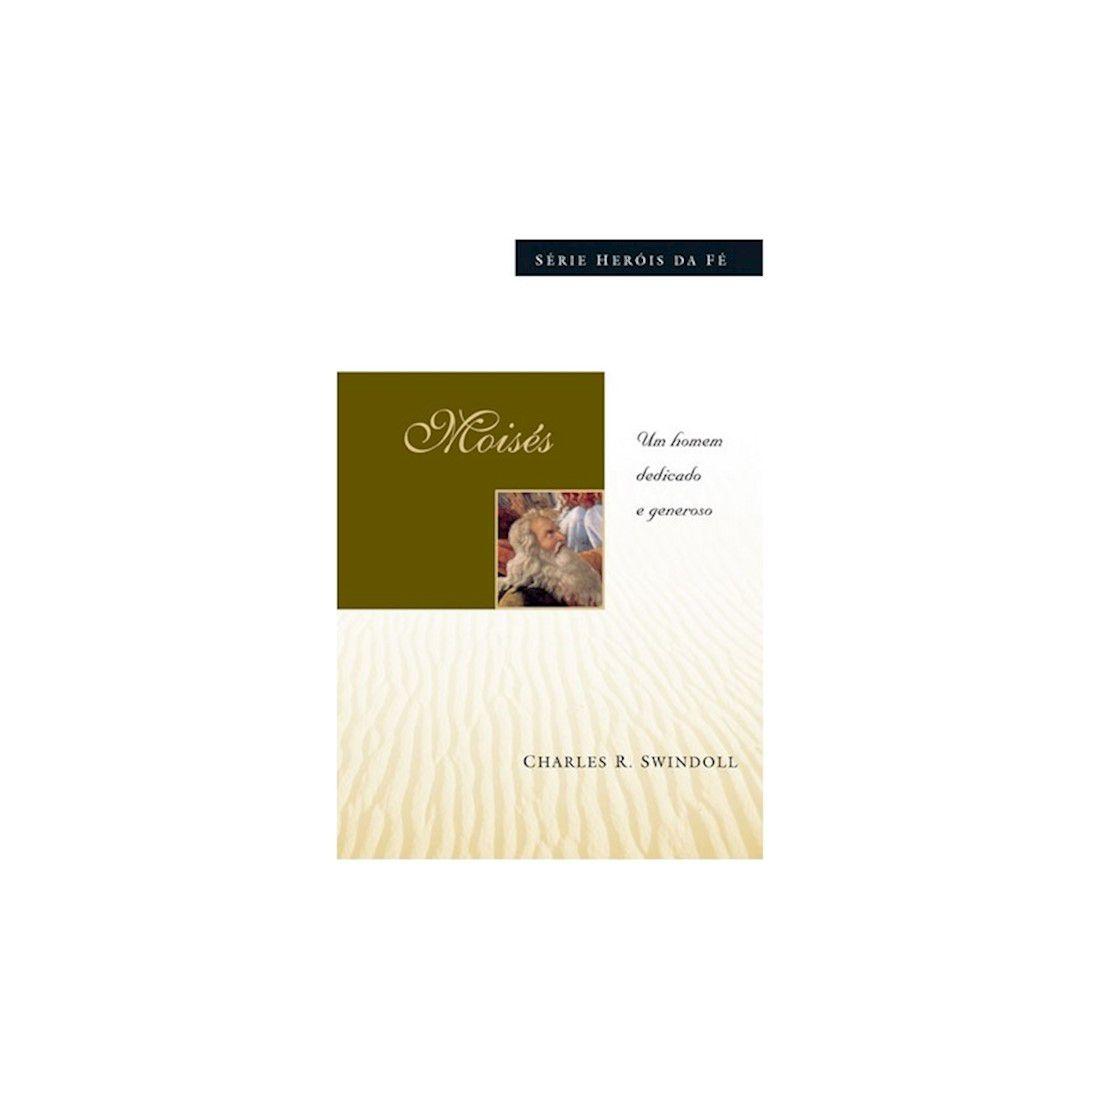 Livro Moisés - Um Homem Dedicado e Generoso - Série Heróis da Fé